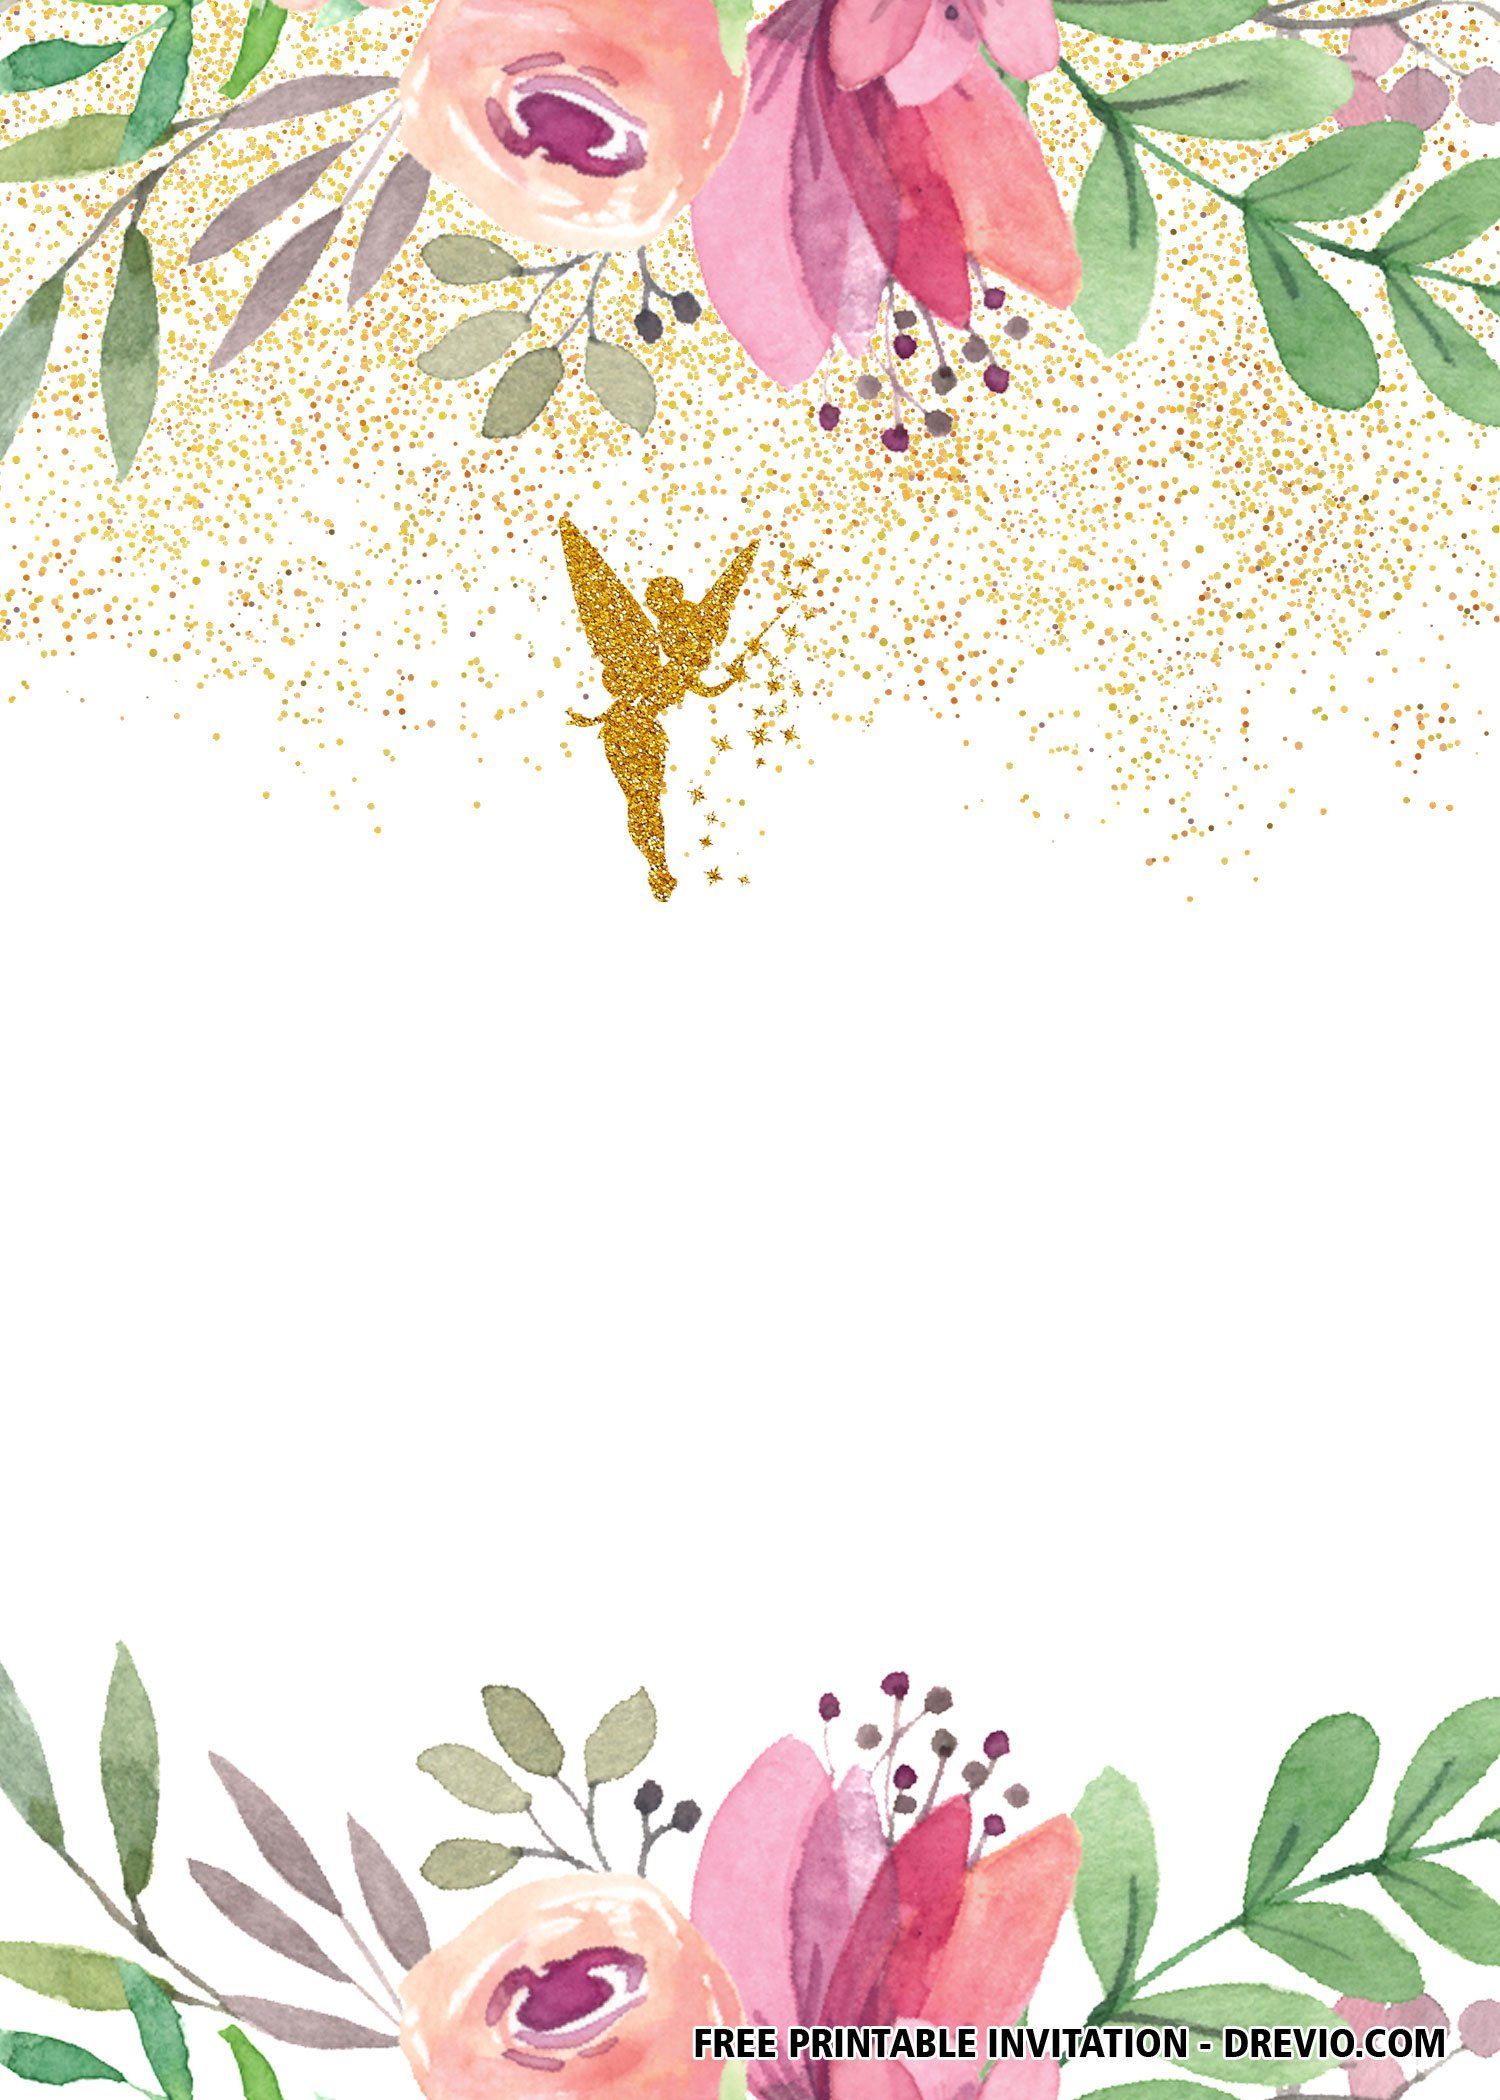 Free Fairy Invitation Templates In 2021 Fairy Invitations Fairy Party Invitations Free Printable Birthday Invitations